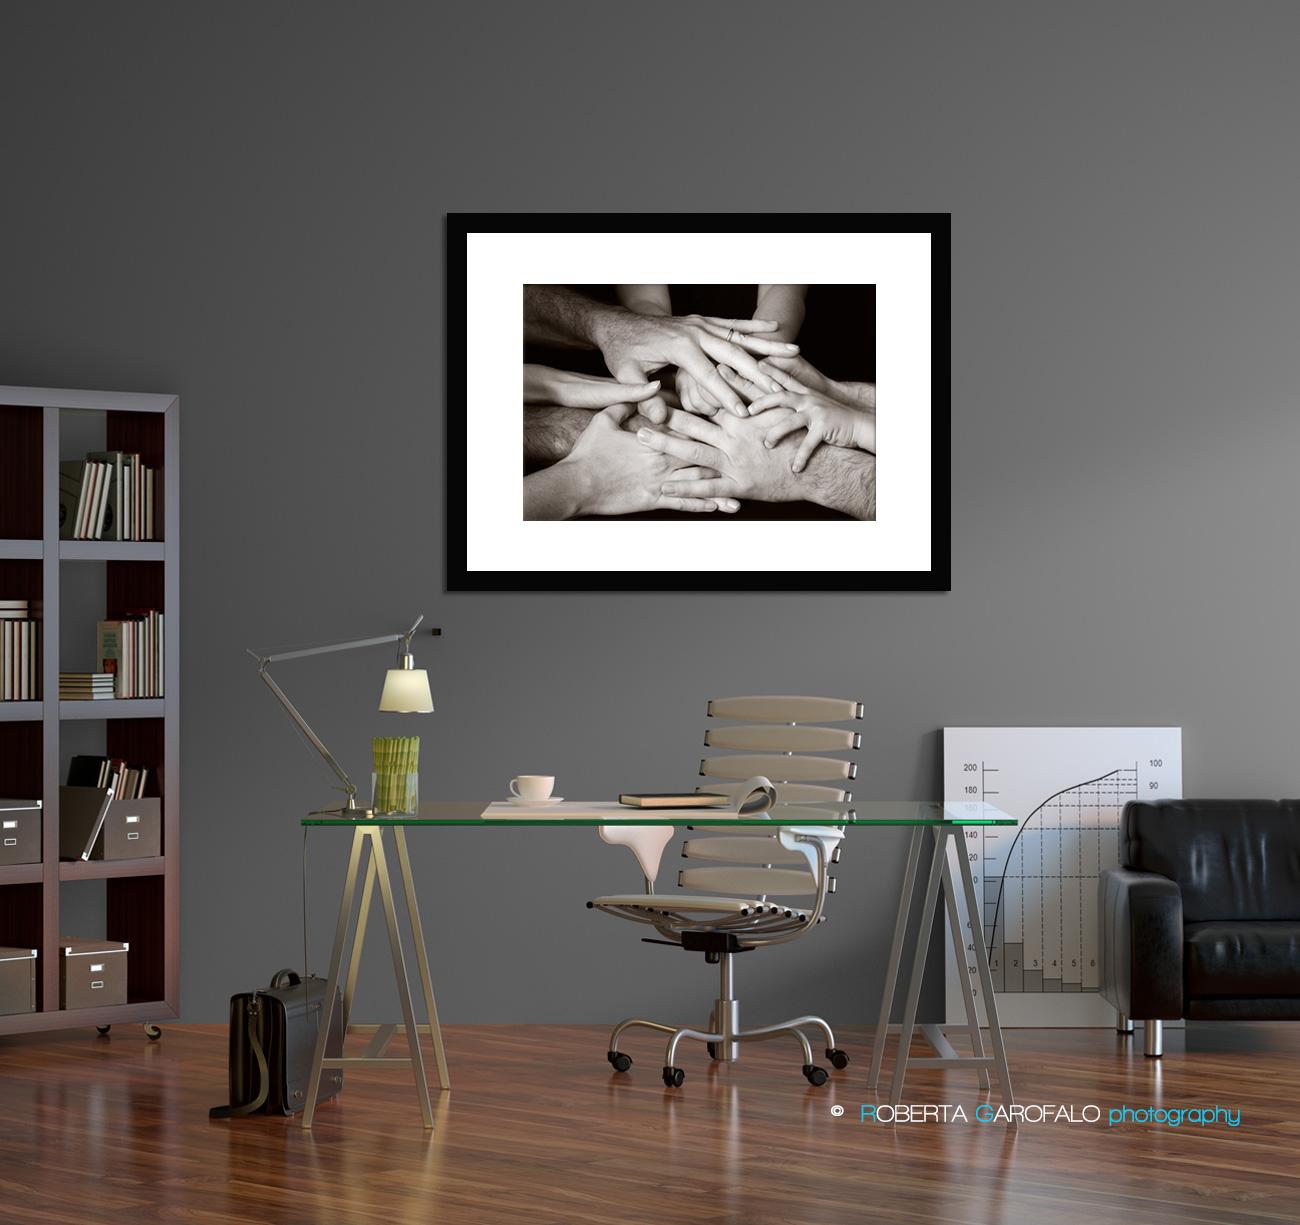 Astrattomatto fine art, ritratto fotografico per famiglie. Roberta Garofalo. Fotografo professionista di Maternità, Neonati, Bambini e Famiglie, Roma